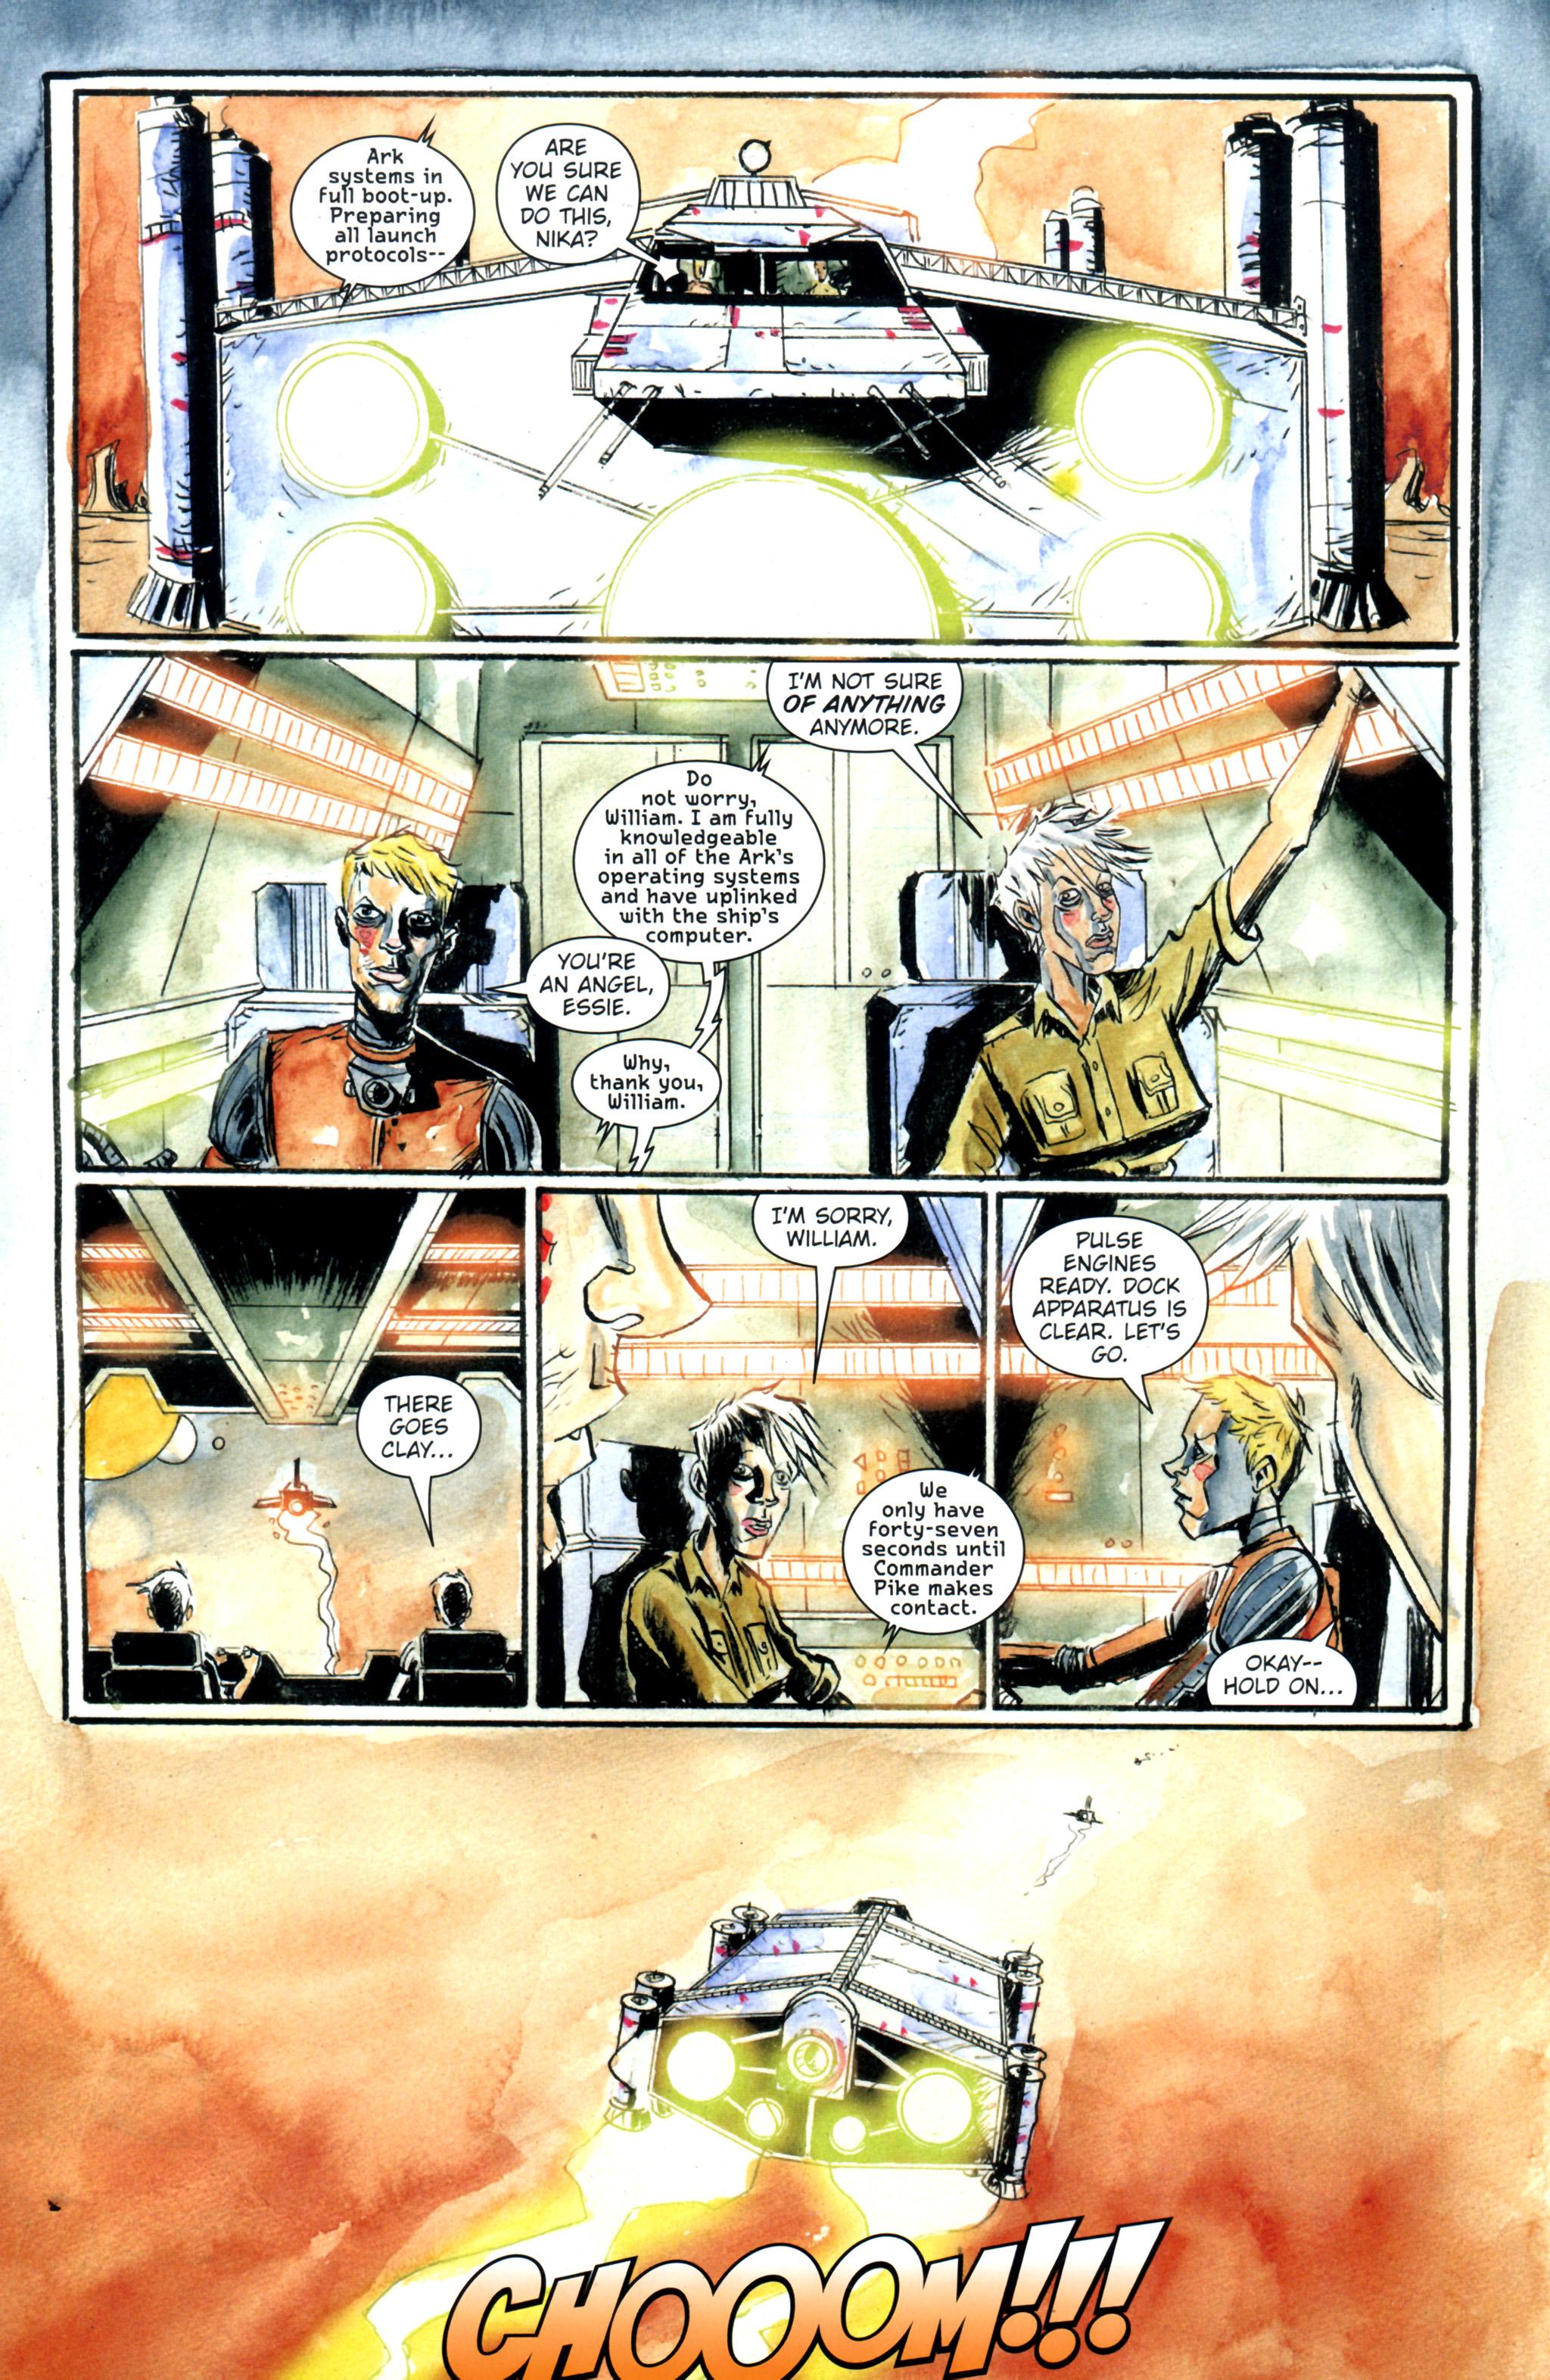 Read online Trillium comic -  Issue #8 - 8